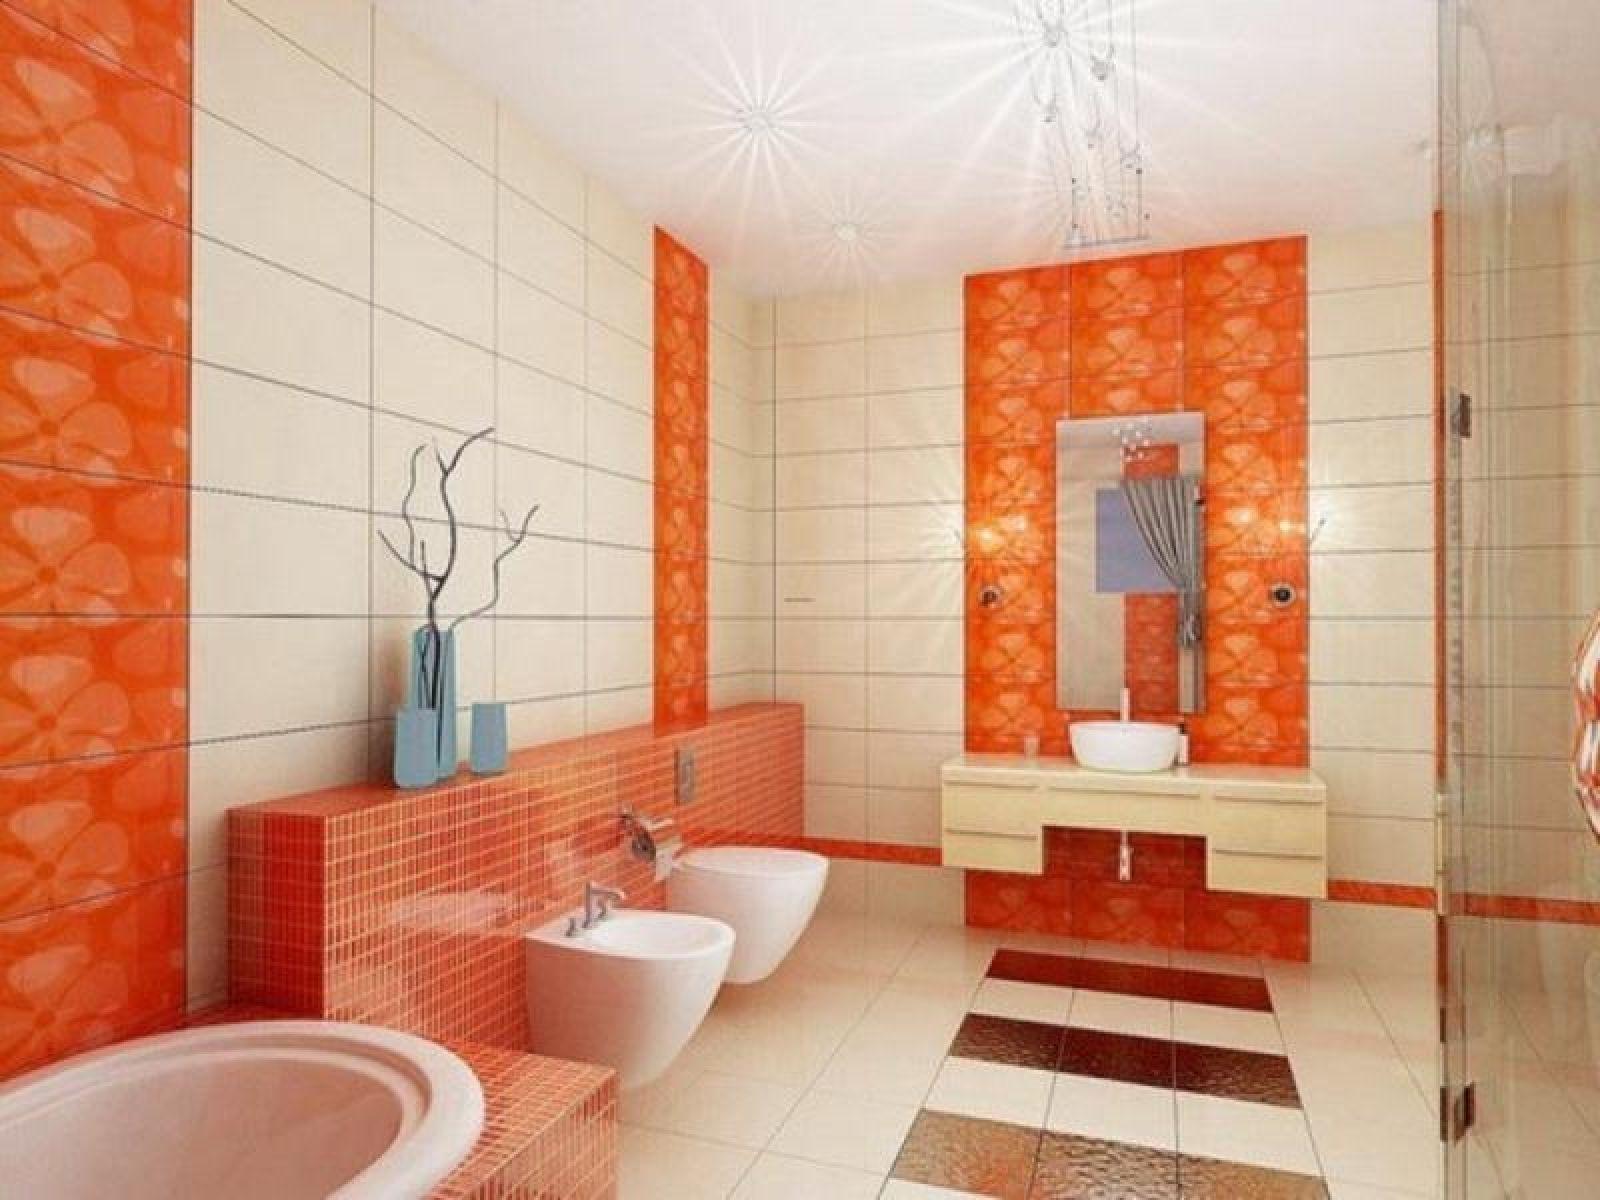 Orange Bathroom Designs Bathroom Designs Orange Bathrooms Designs Bathroom Interior Bathroom Interior Design